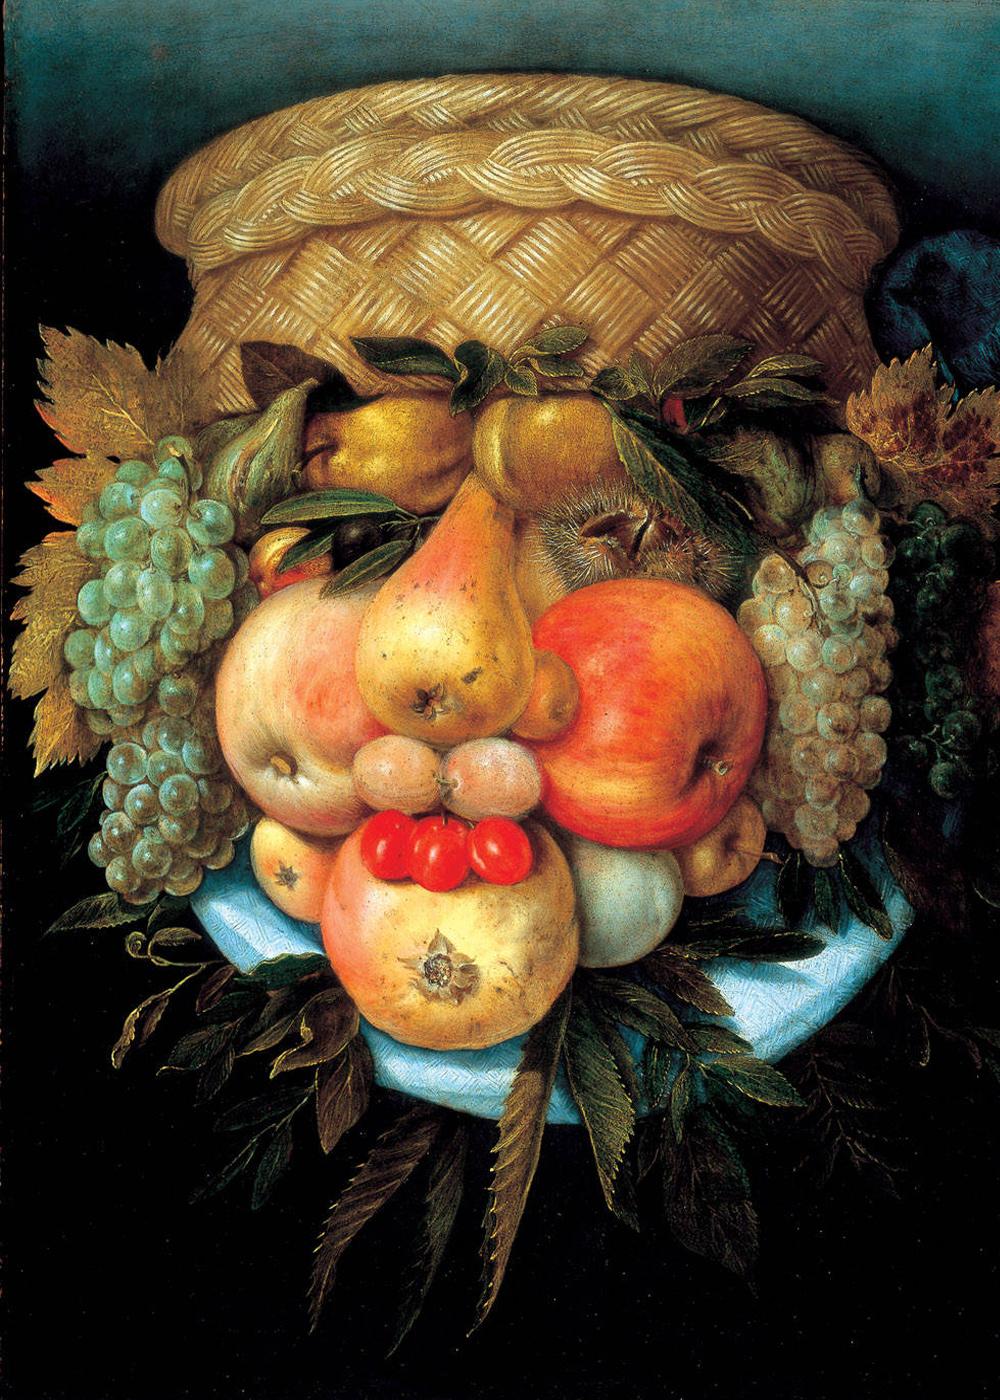 Giuseppe Arcimboldo. Portrait (still life with basket and fruit)